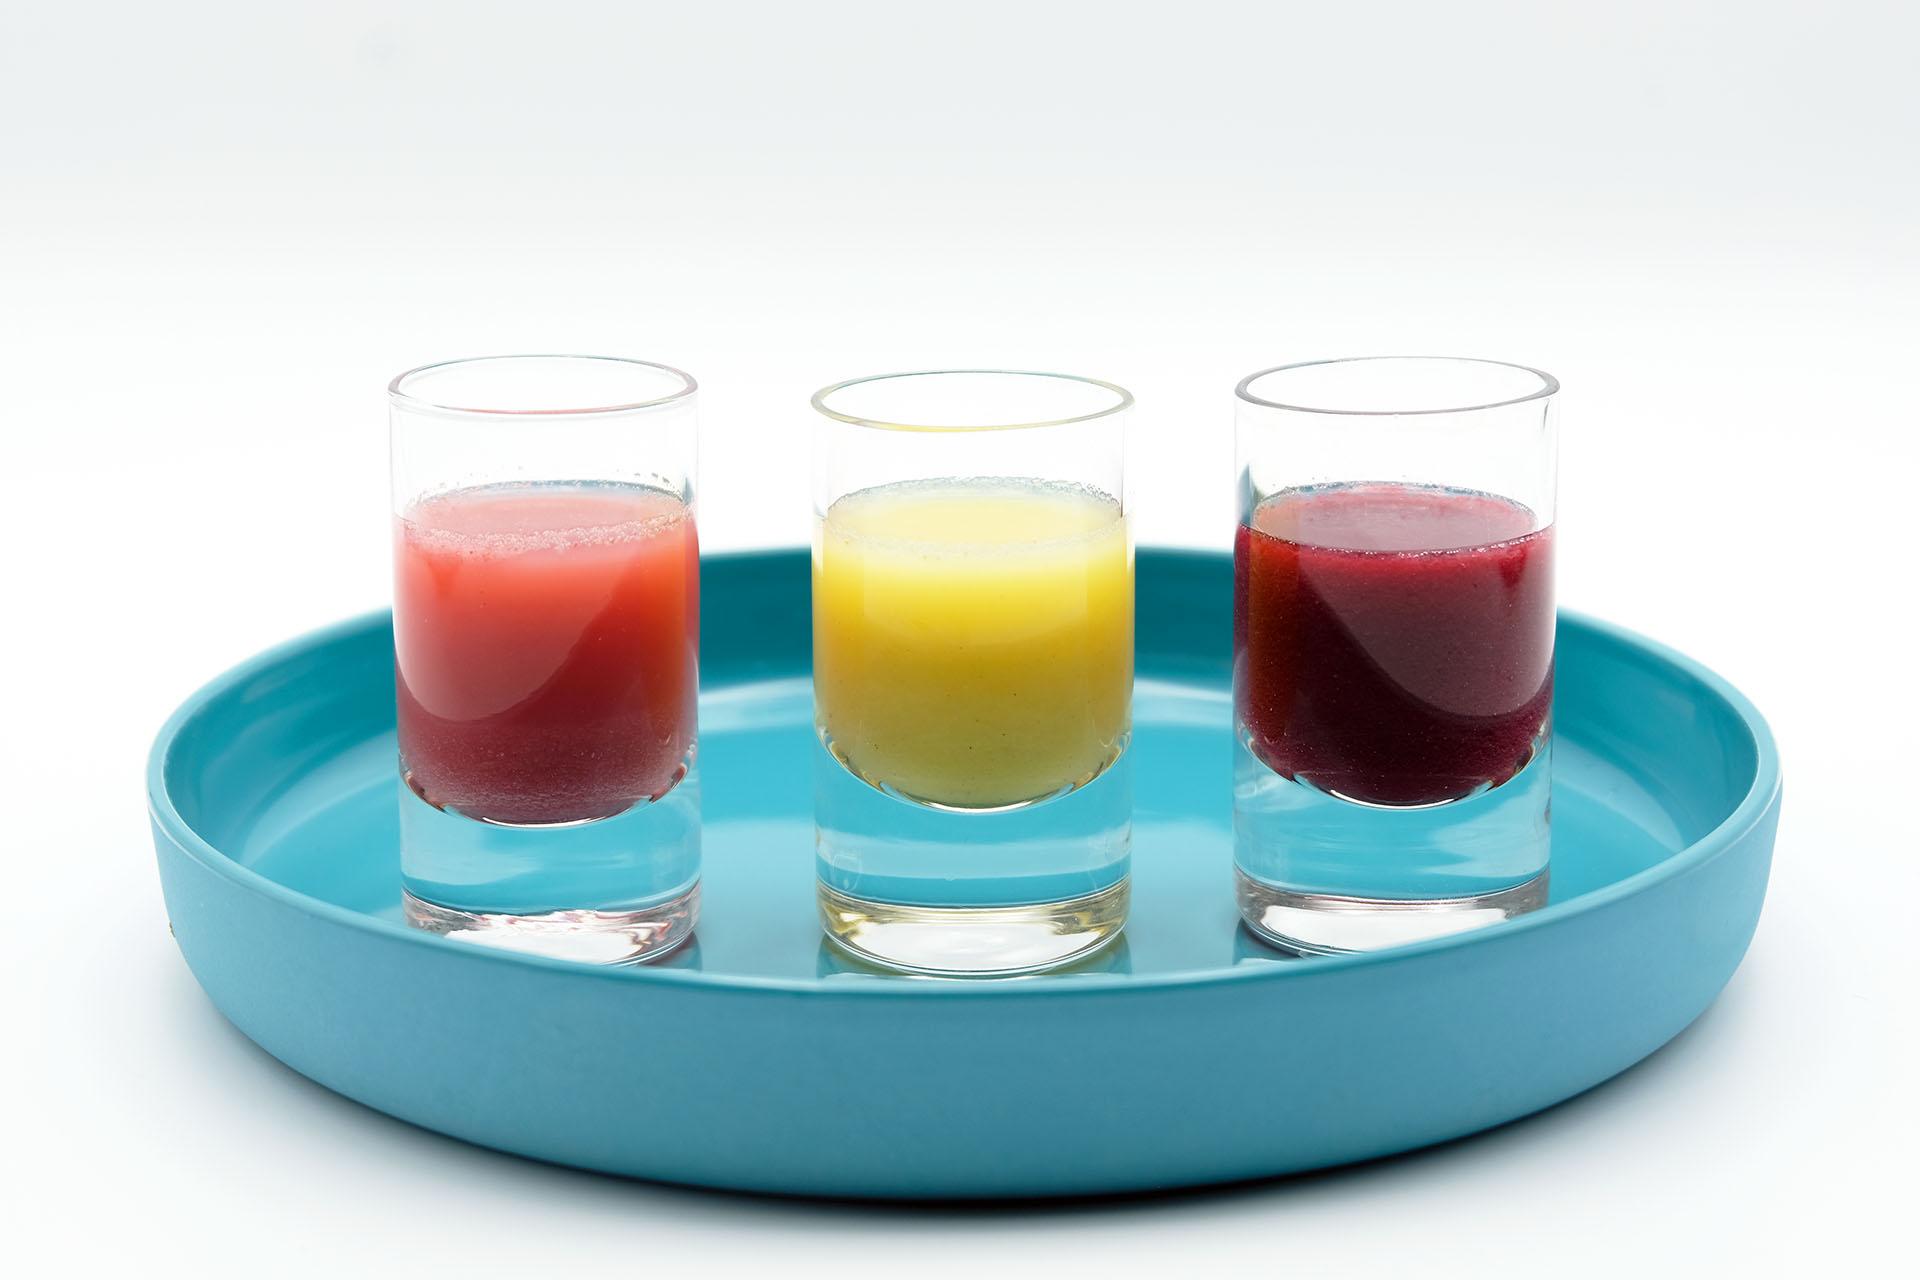 Rezept Ingwer Shot Popdish Foodblog Gerichte, die knallen